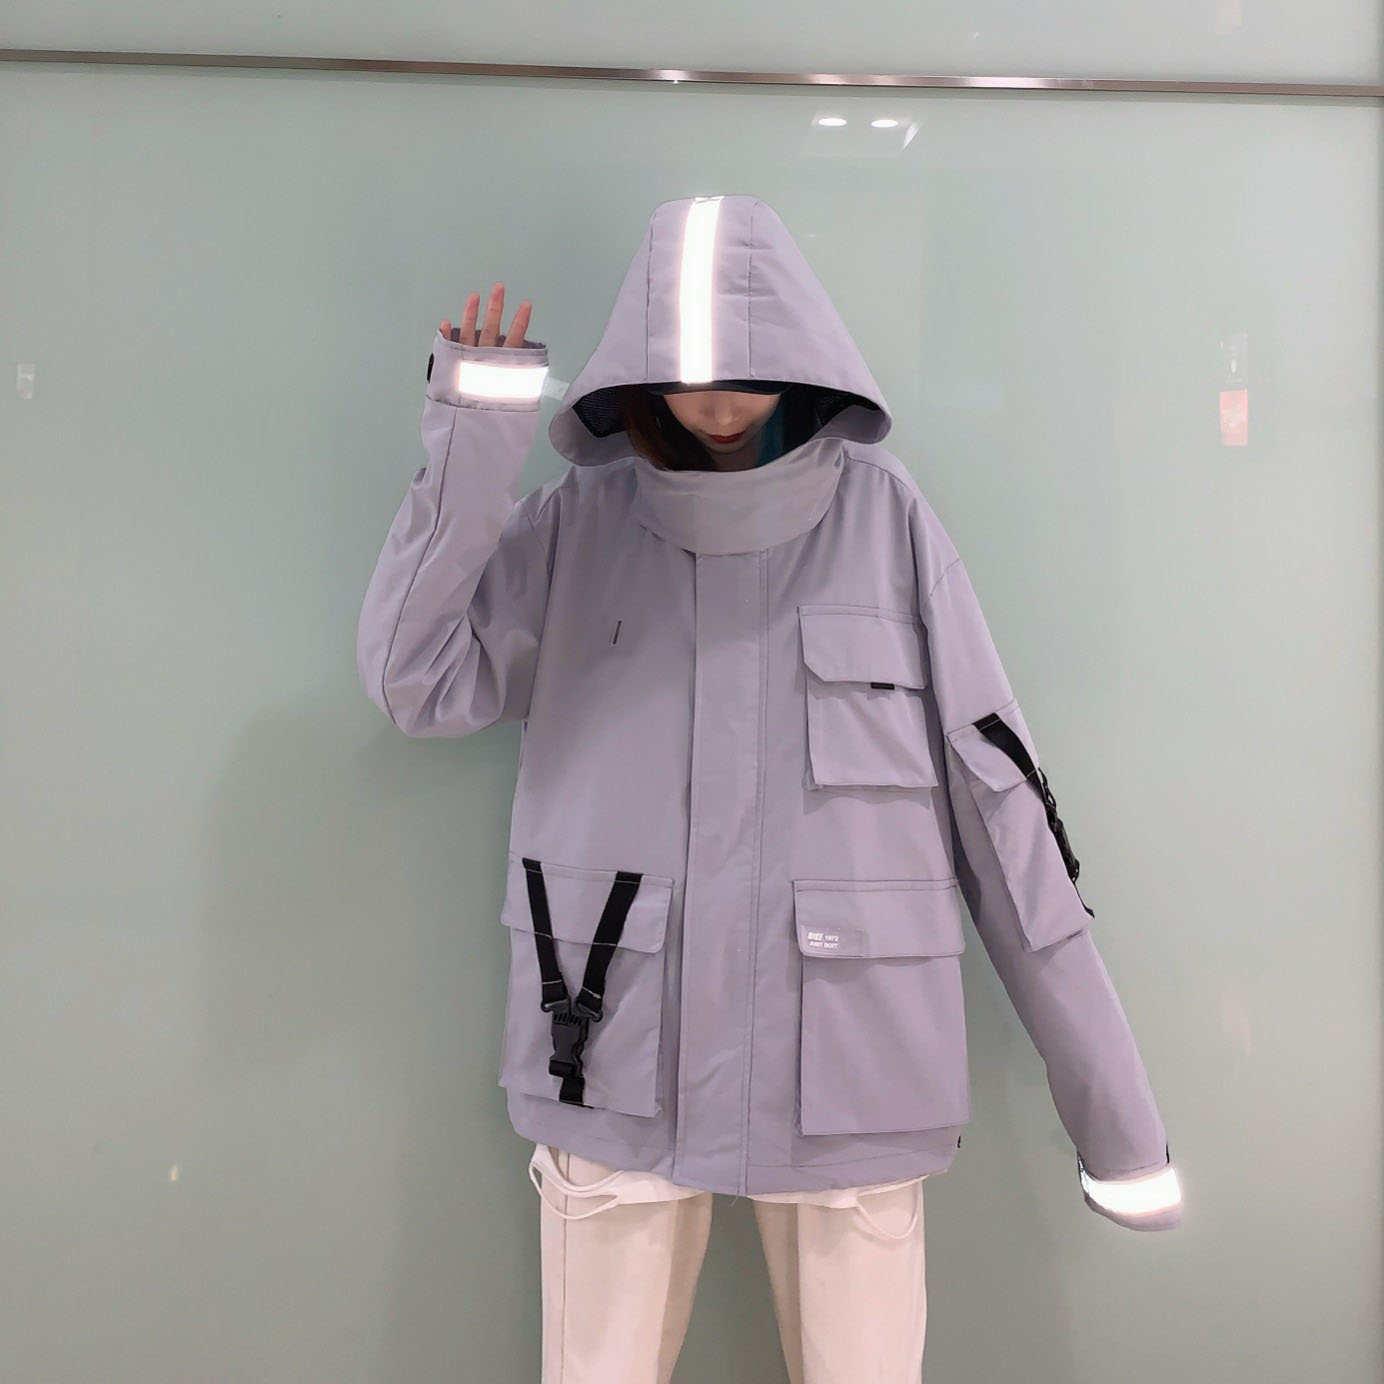 Tops Marke Damenjacke mit Kapuze Art und Weise F / S Frauen Designer-Jacken mit Brief gedruckt Luxus Reflective Hoodie Mäntel 2 Farben YF203062